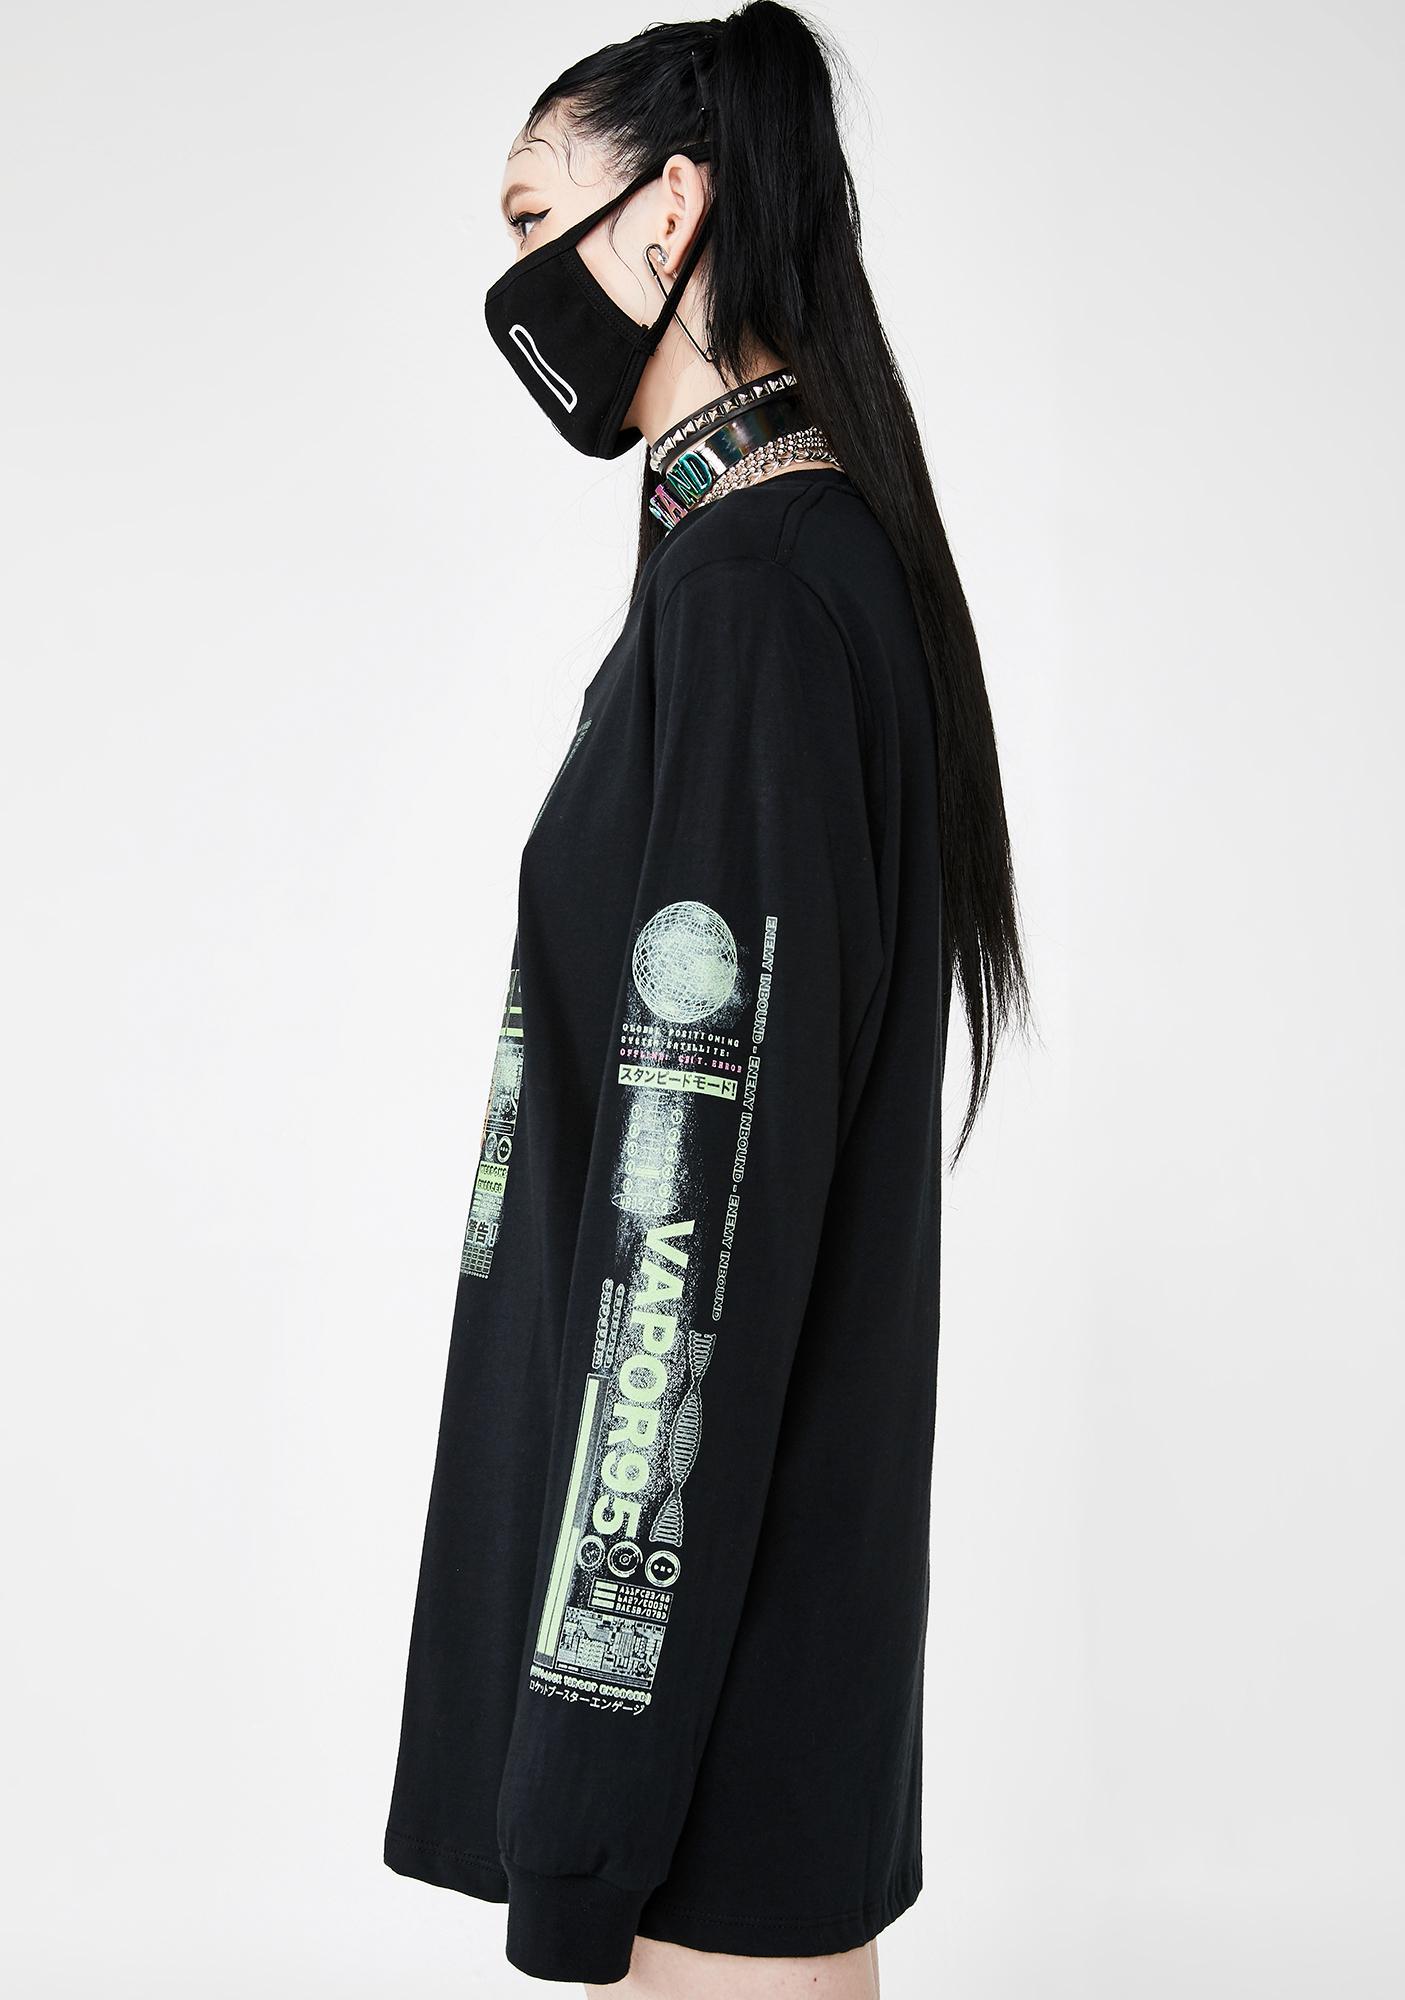 Vapor95 Mech Suit Long Sleeve Tee